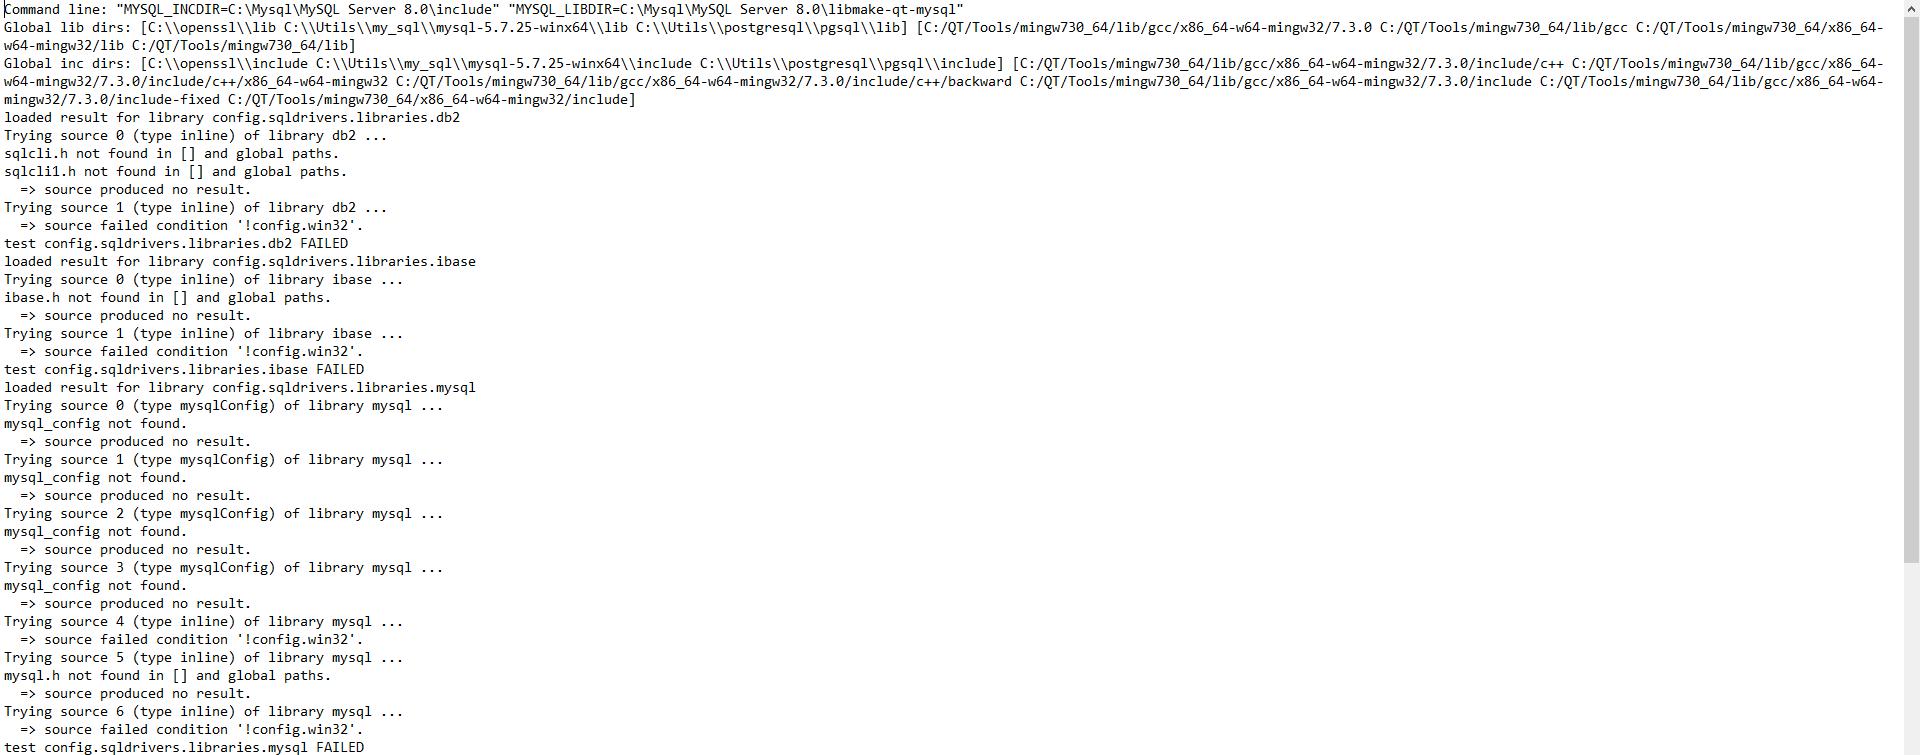 6adb432a-5f09-4603-a2da-c67464a87c04-image.png